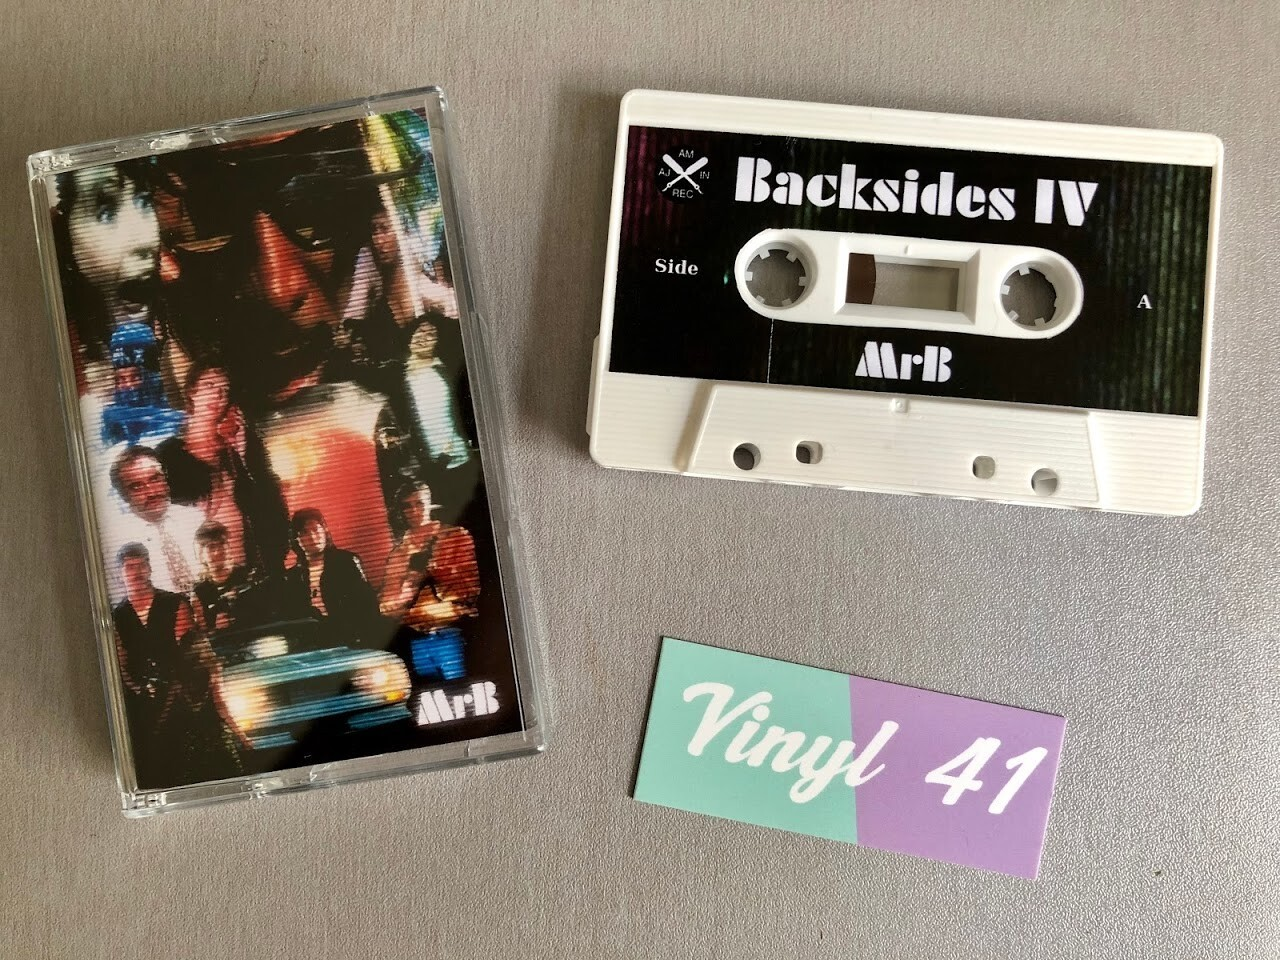 Mr. Backside - Backsides IV